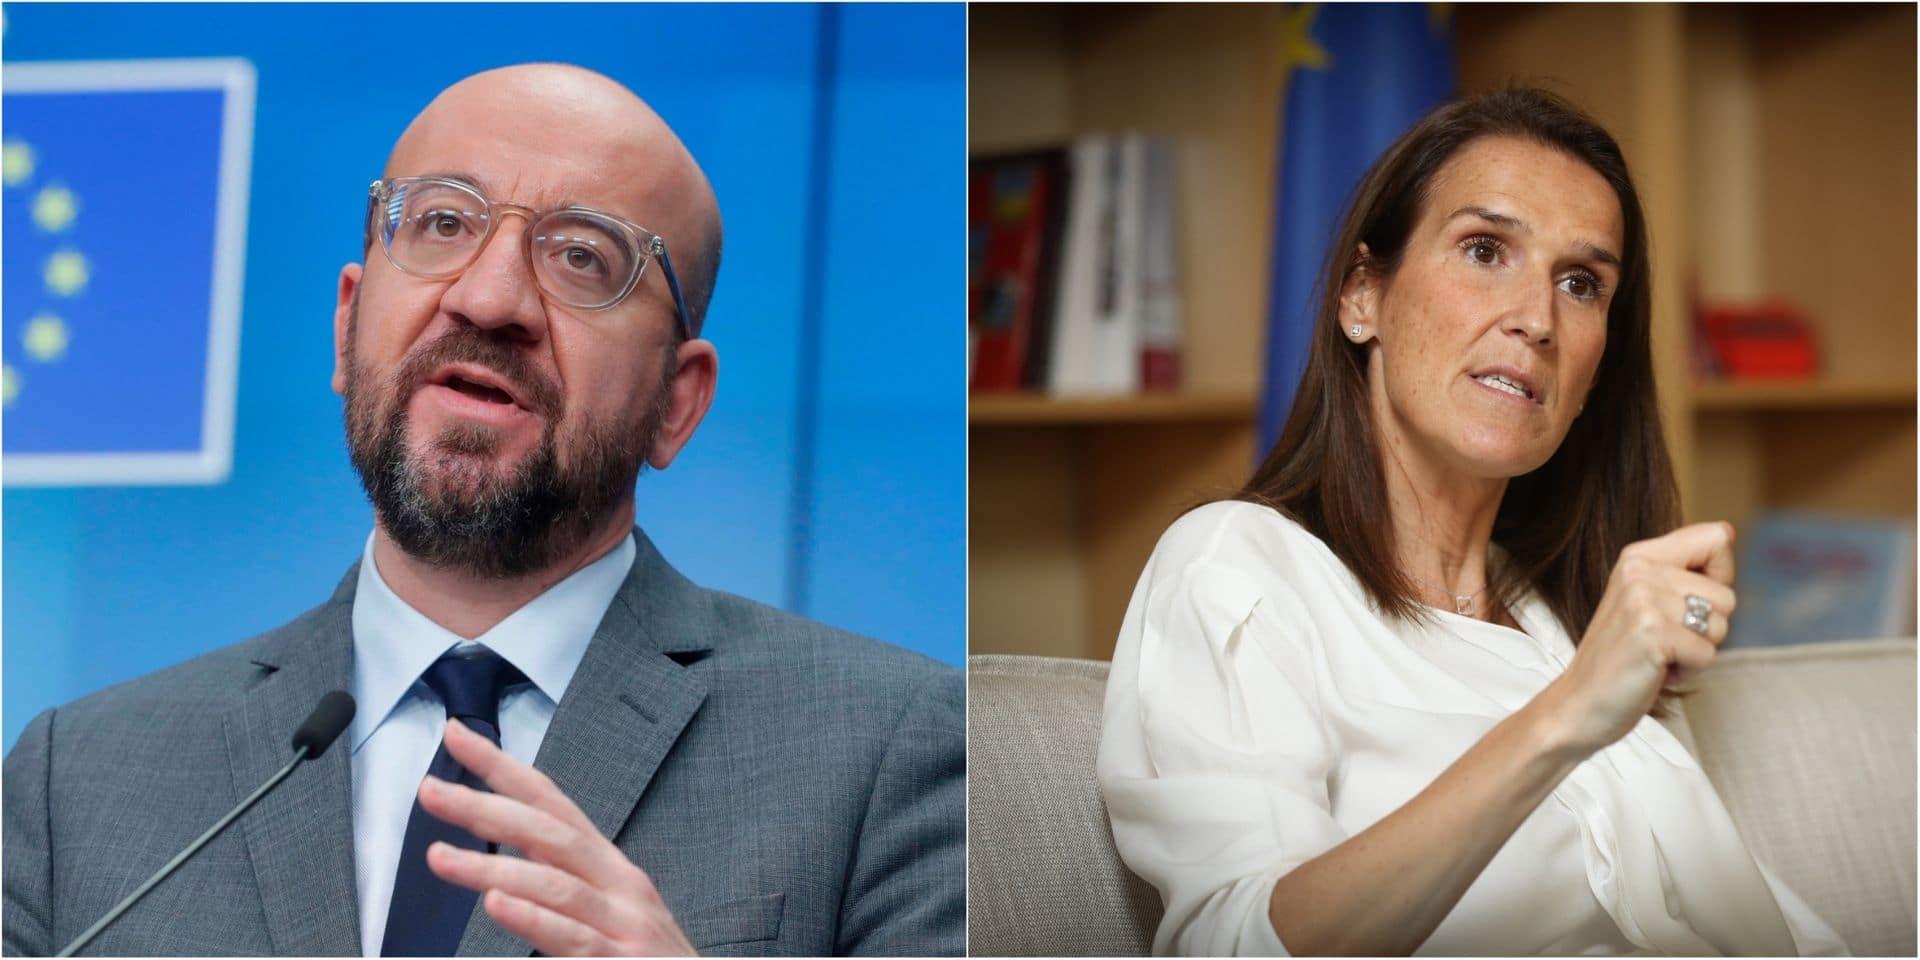 Sophie Wilmès, Charles Michel et la communauté internationale condamnent le coup d'Etat en Birmanie